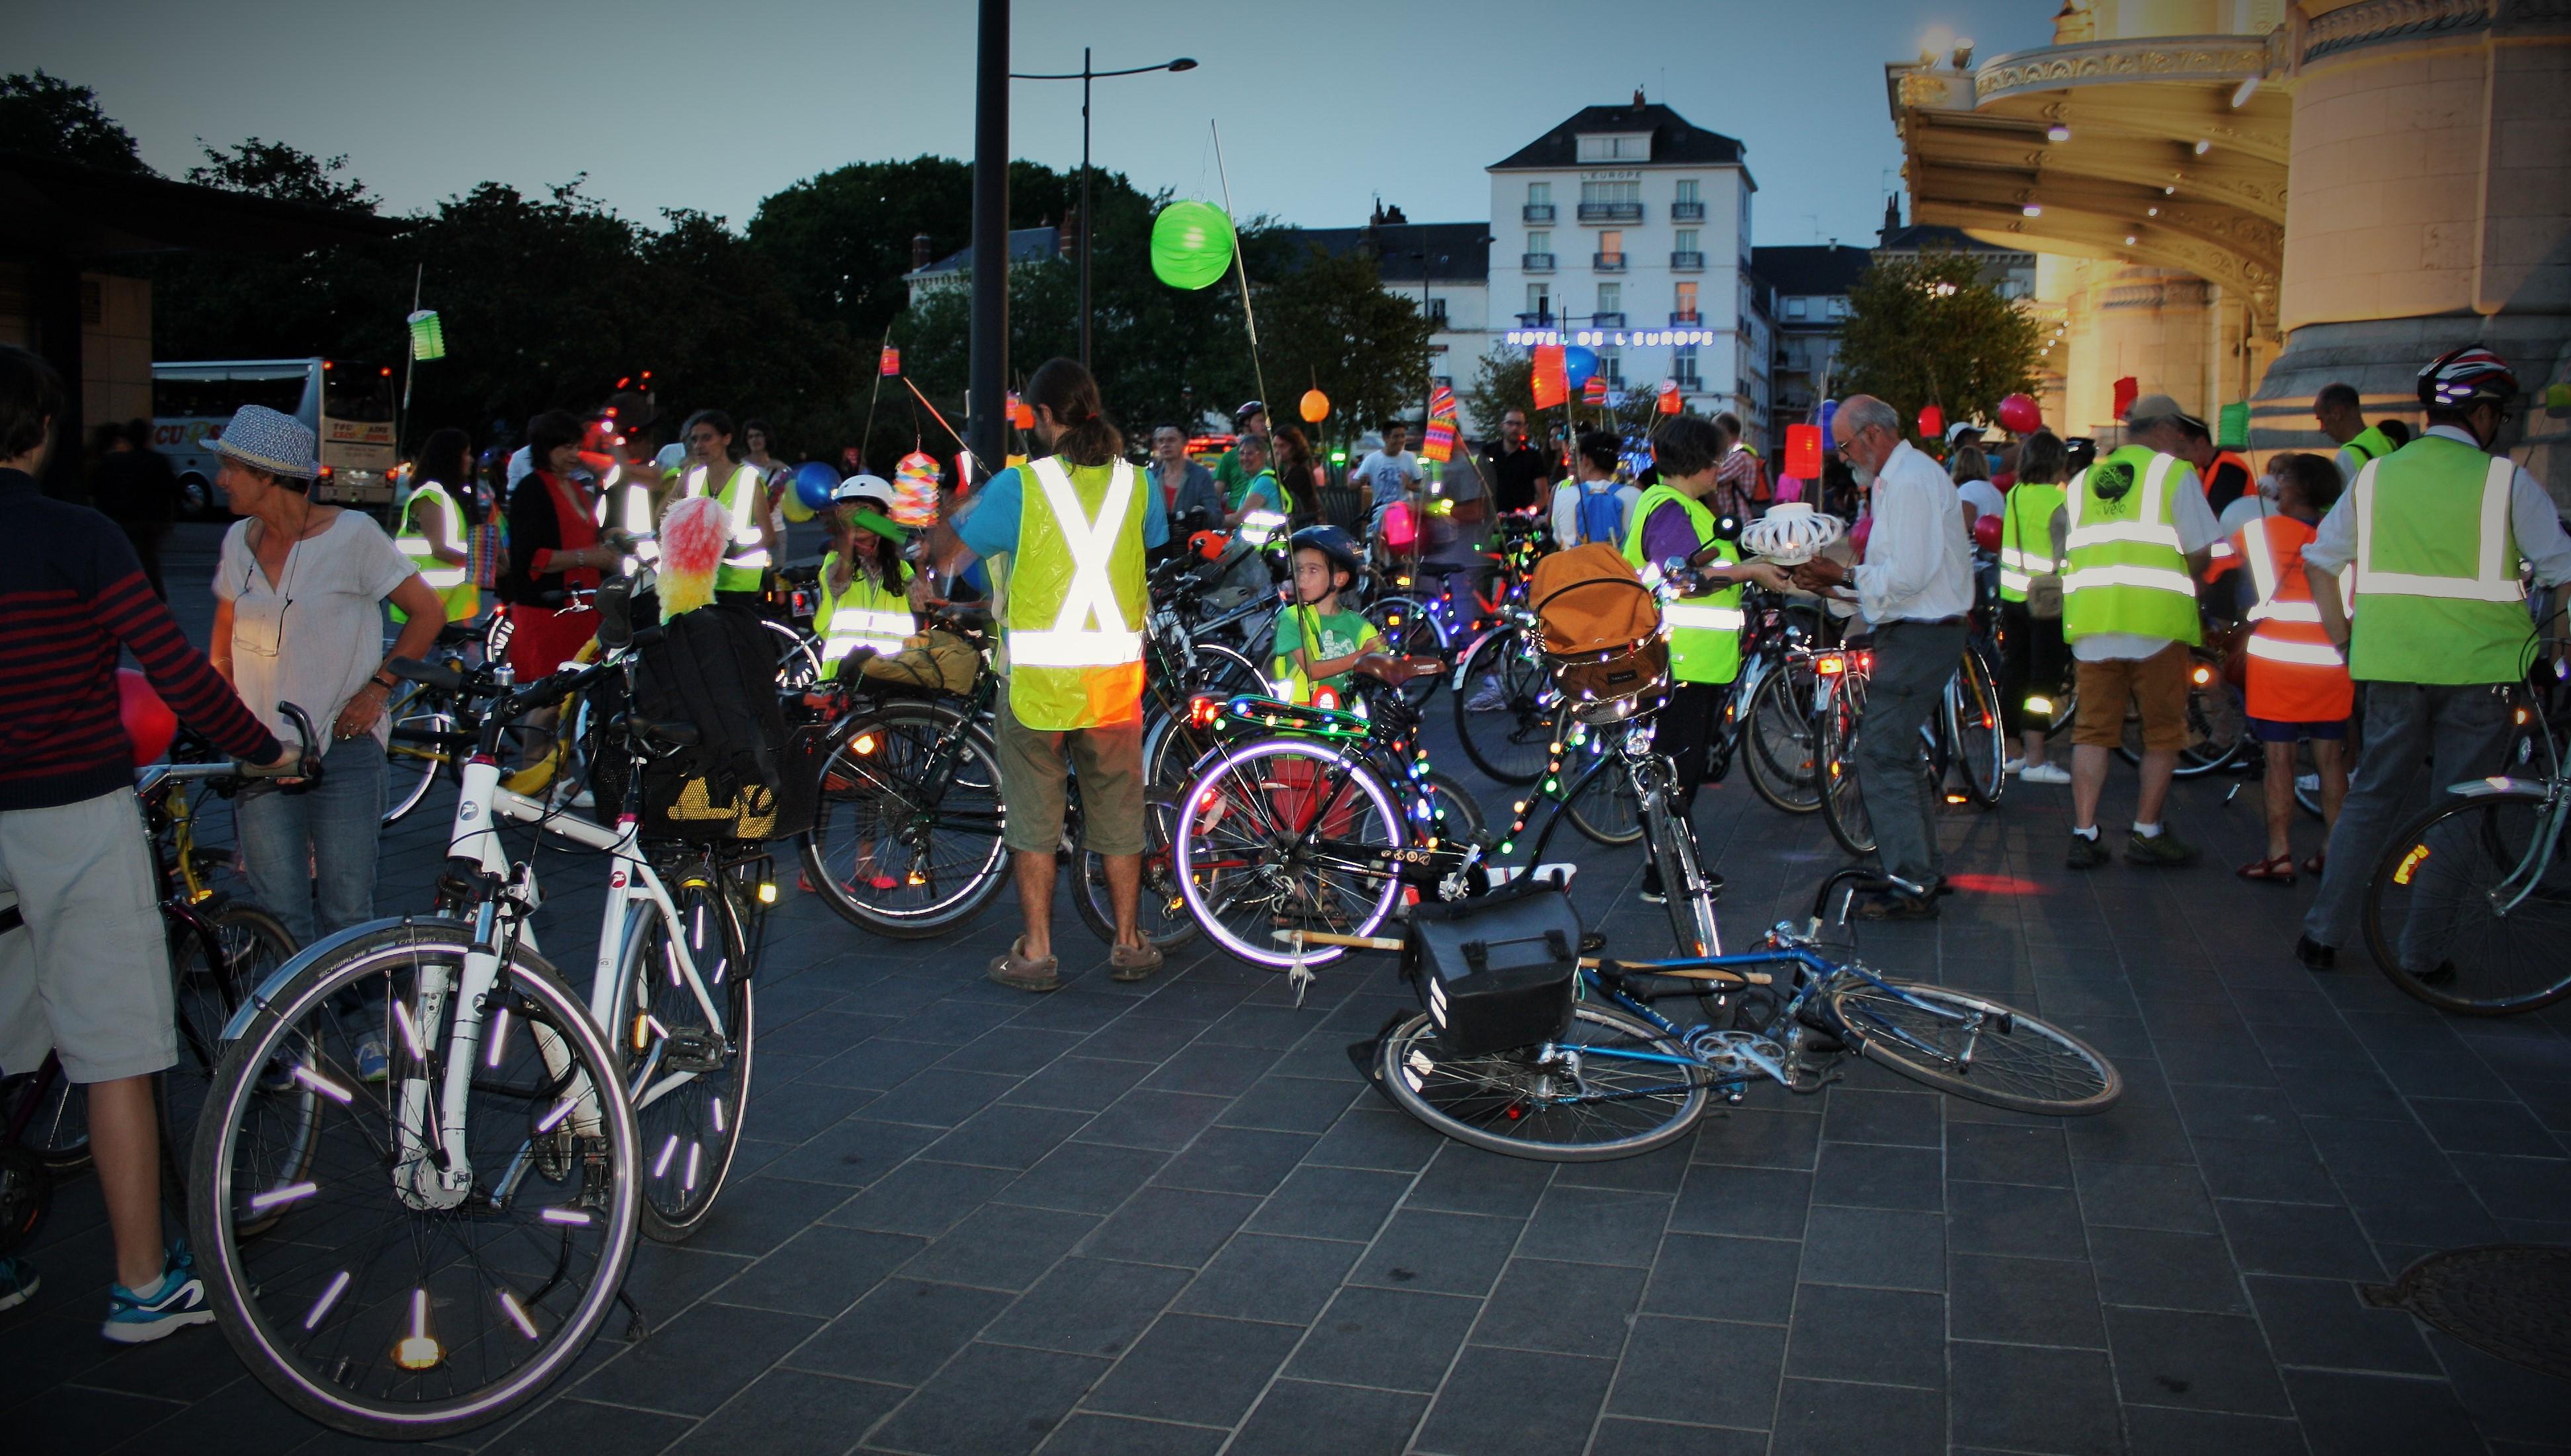 Balade des Lucioles, gare de Tours. @CC37 - photo Sonia Leroy